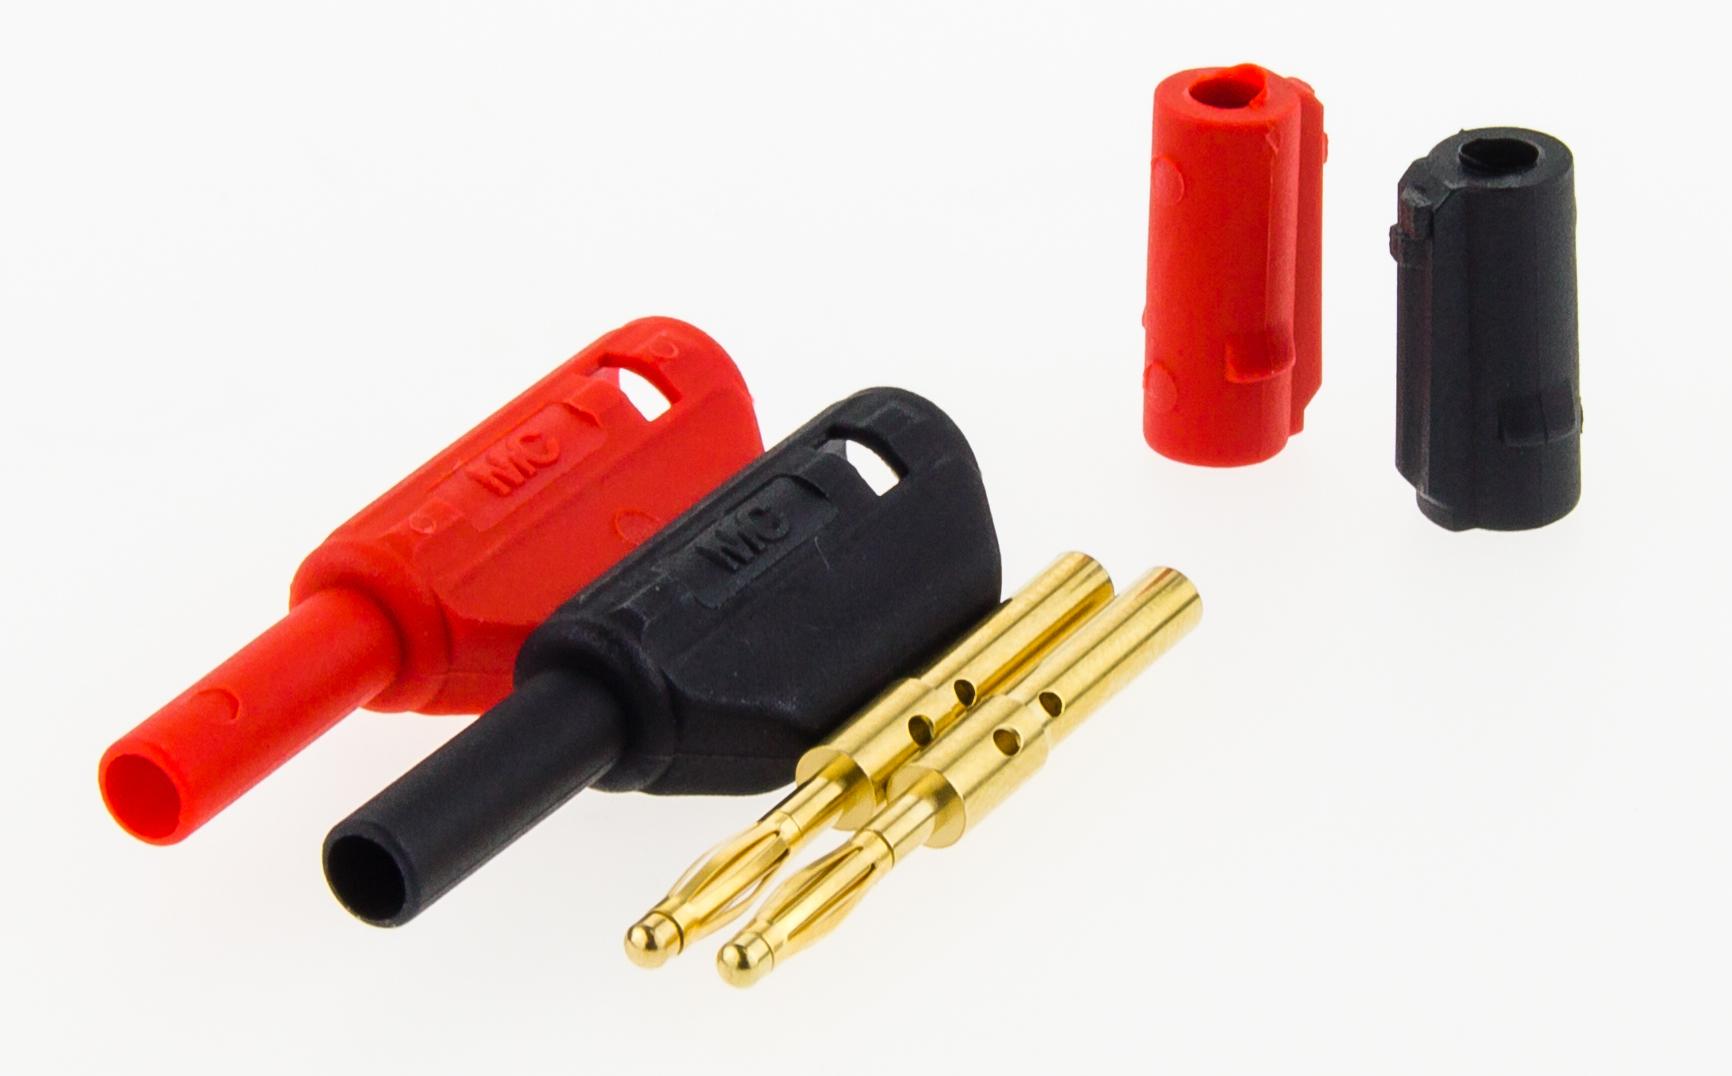 NL985P Plugs